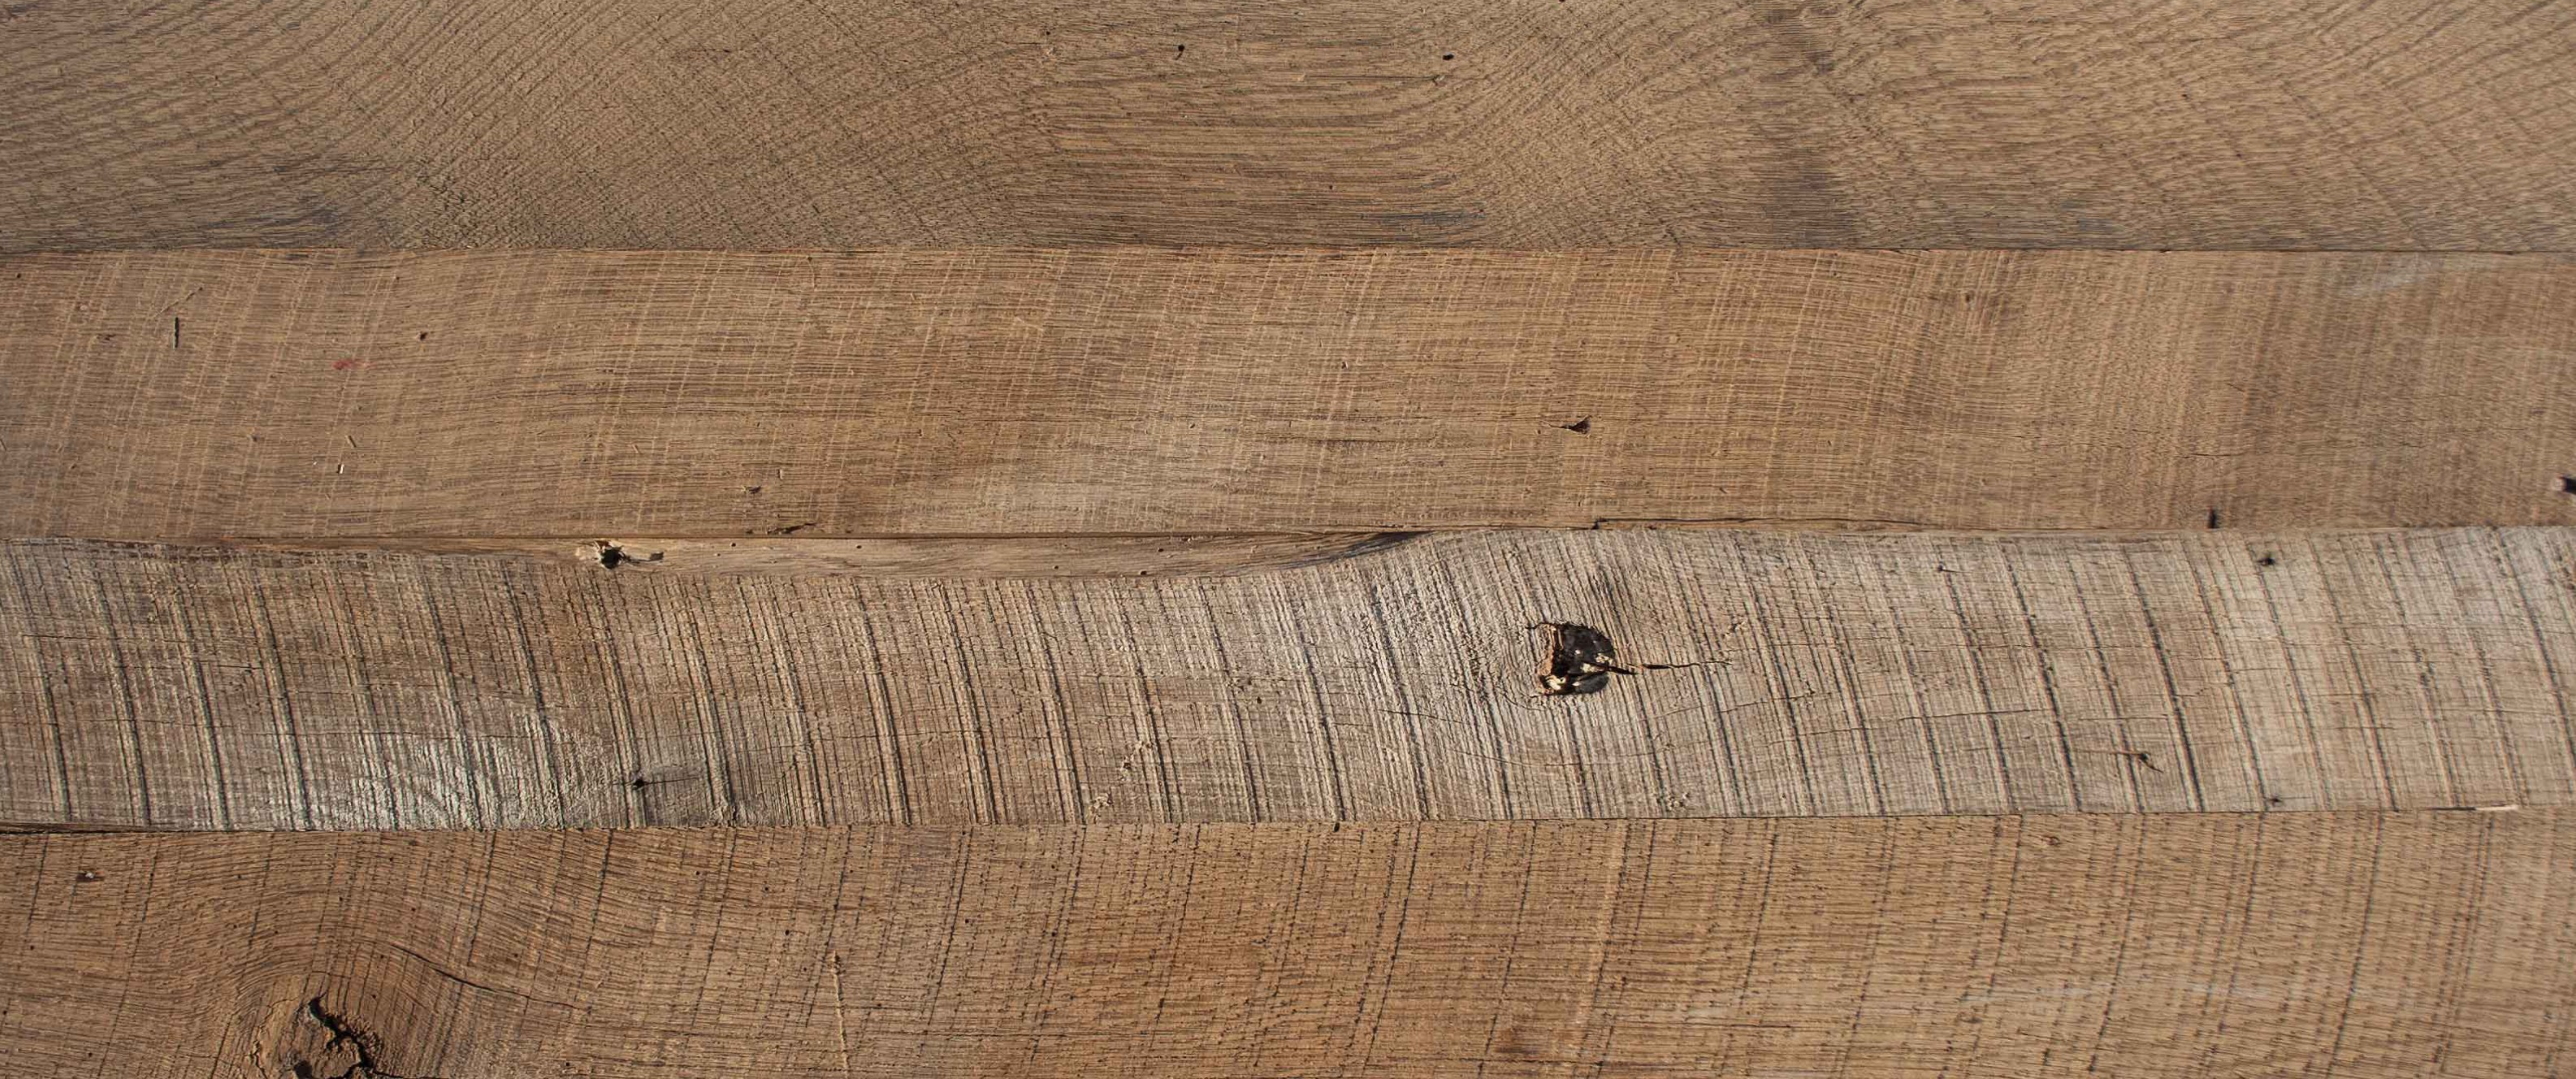 Longleaf Lumber  WireBrushed Oak Paneling